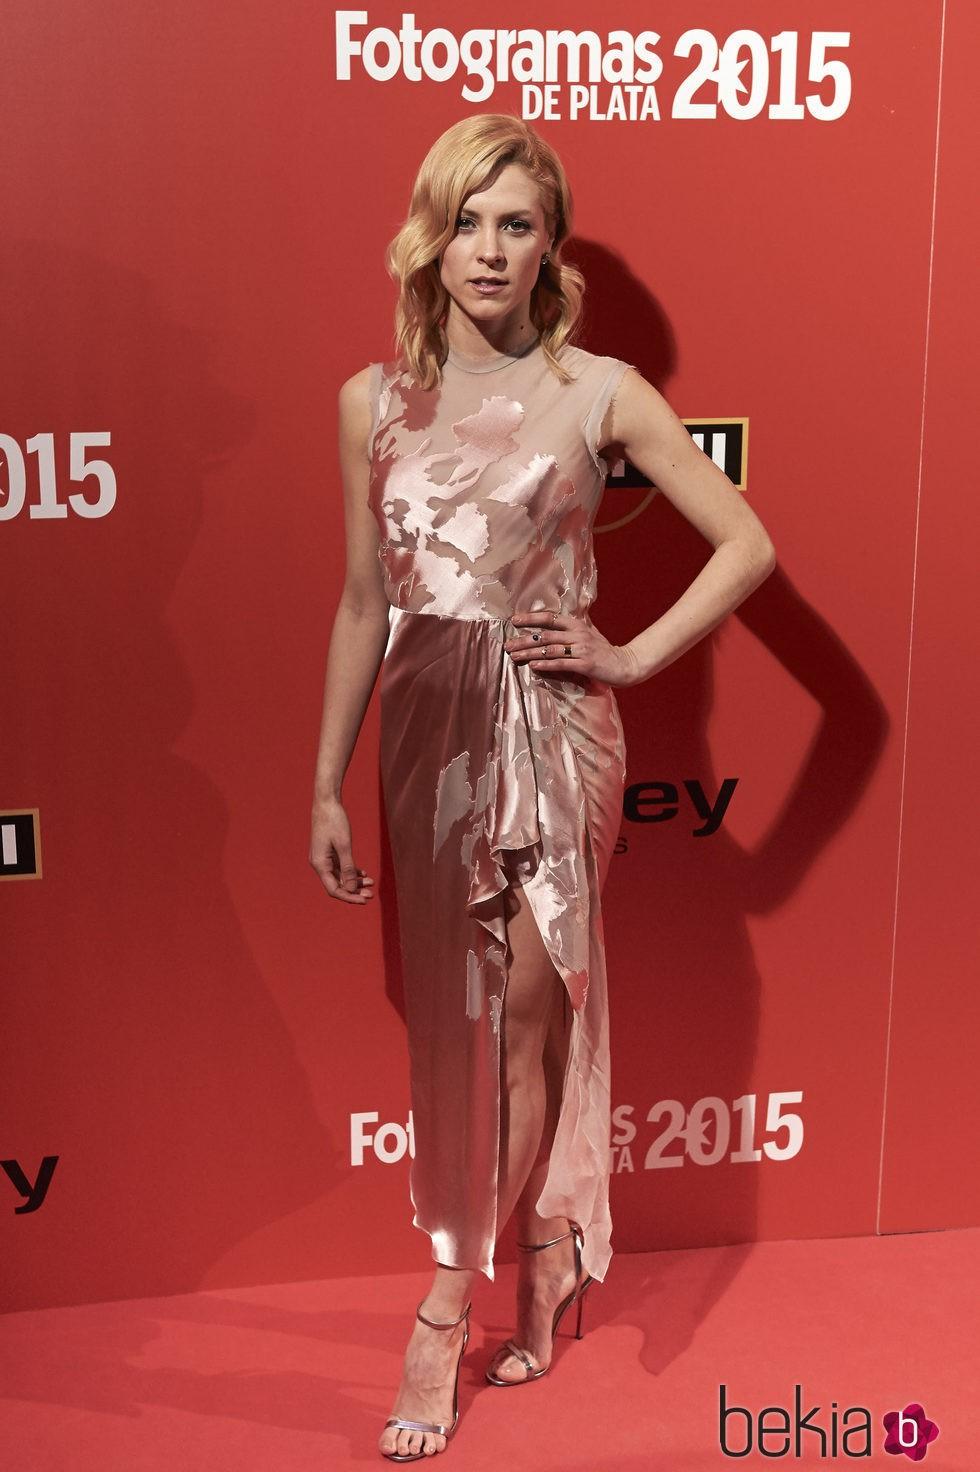 Maggie Civantos en la alfombra roja de los Fotogramas de Plata 2015